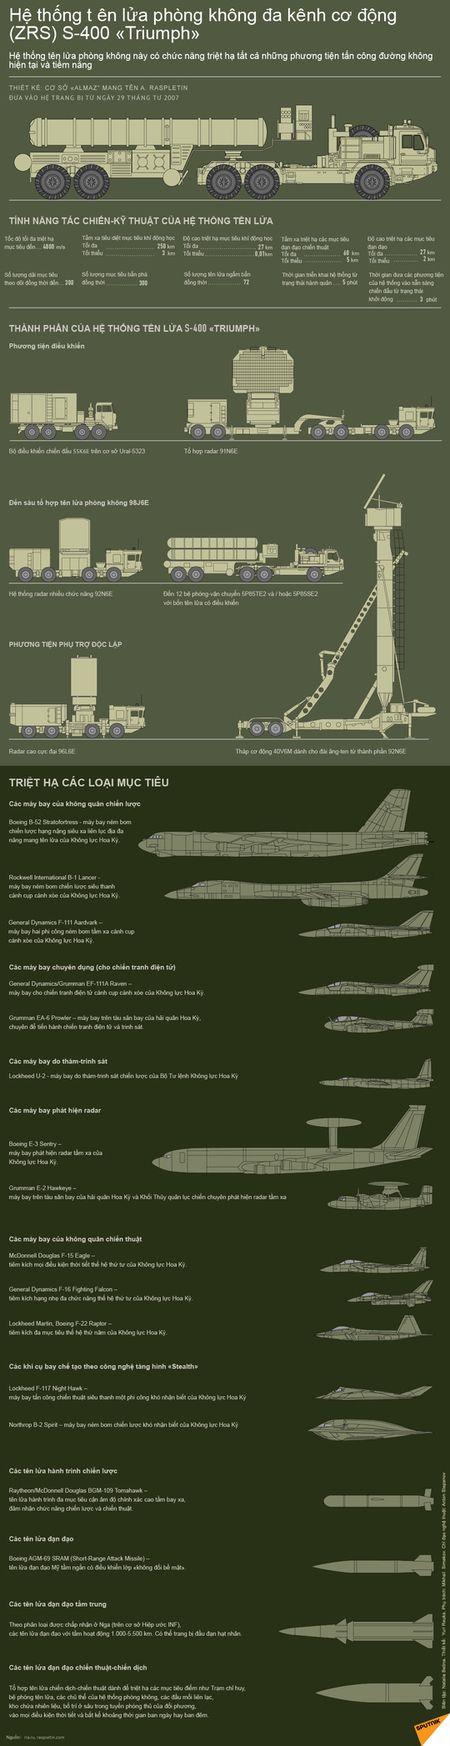 Nga trien khai he thong phong thu ten lua S-400 toi Syria - Anh 2